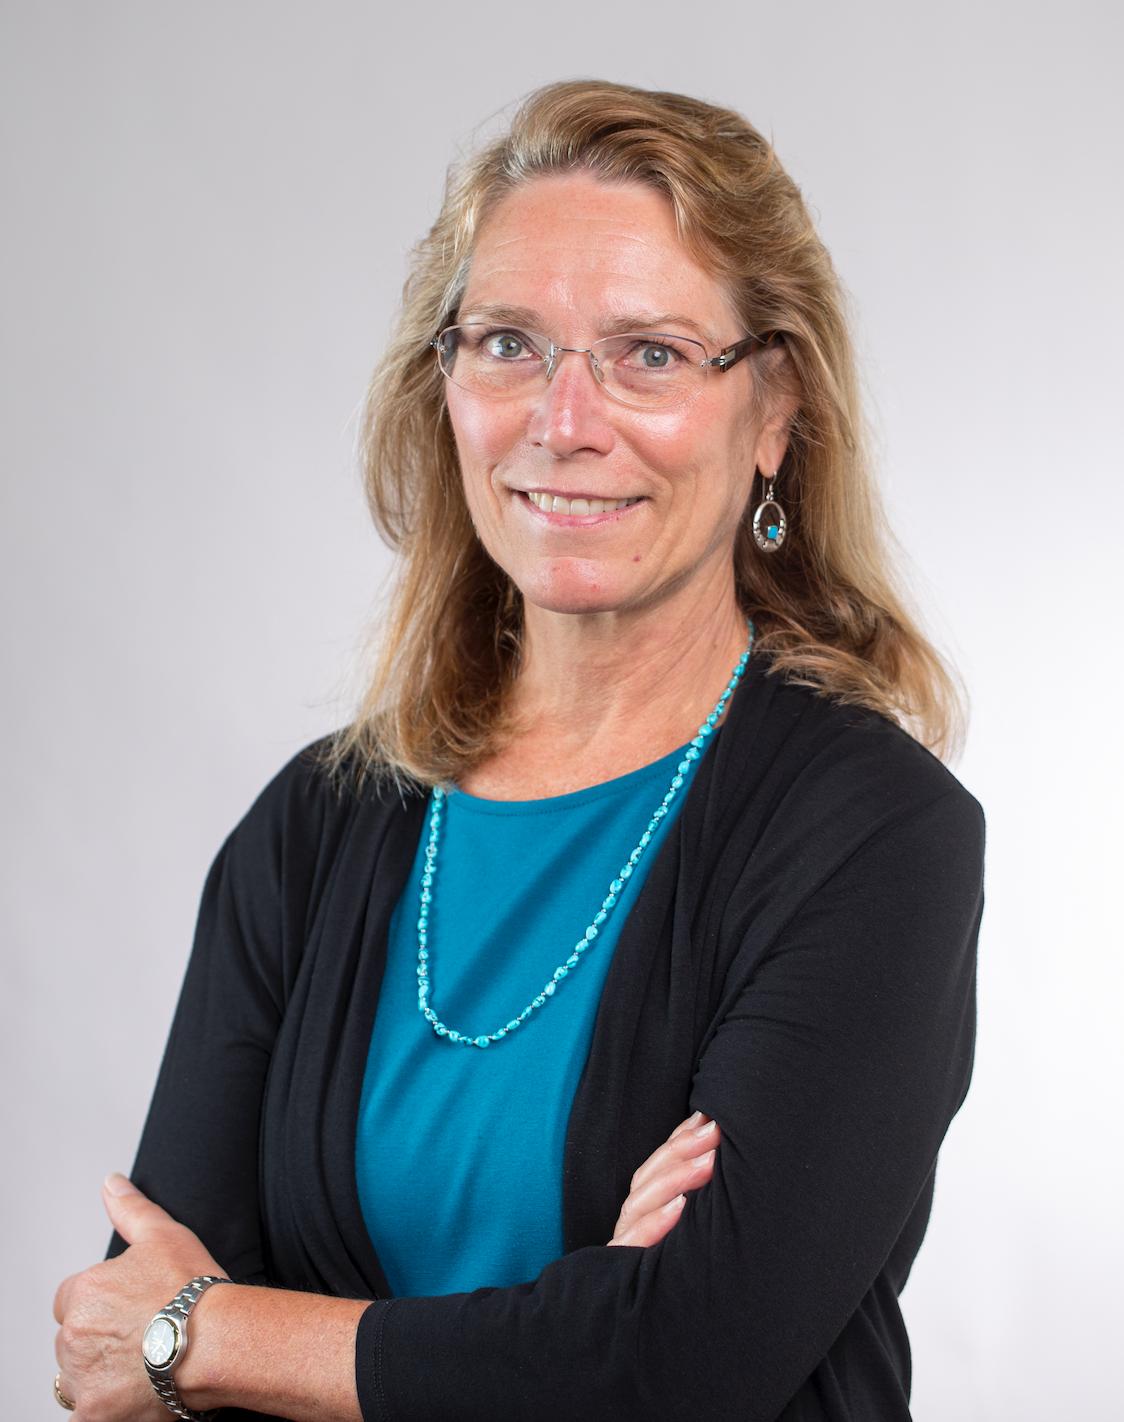 Julie Brigham-Grette: